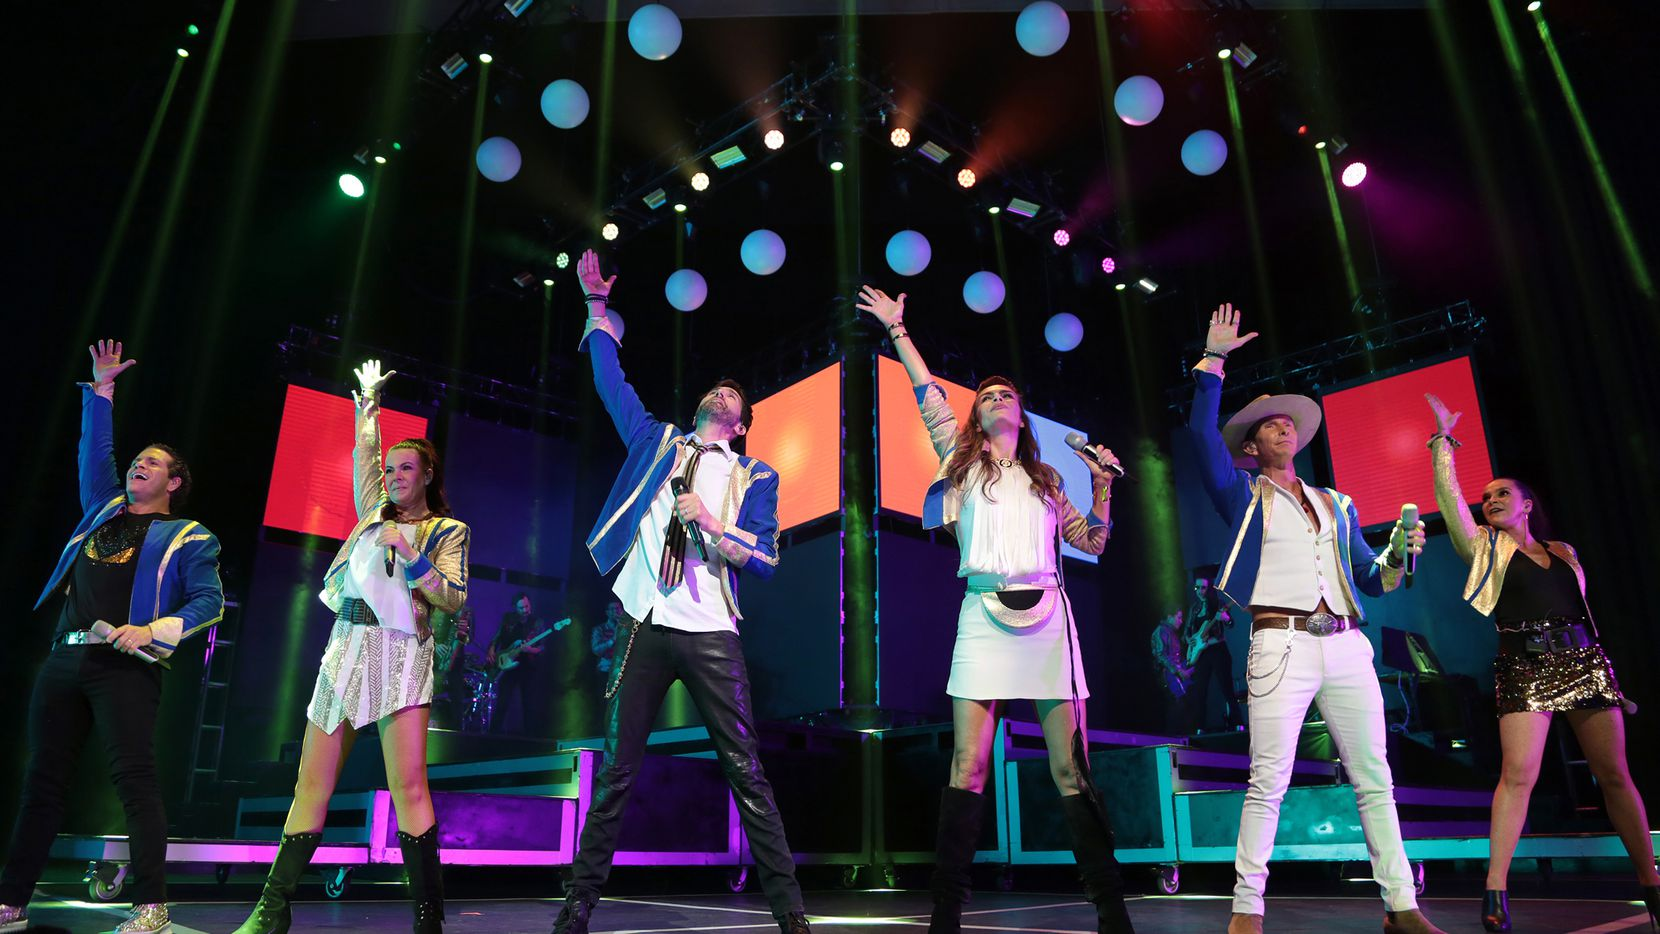 El grupo Timbiriche se presentó la noche del domingo en el Verizon Theatre. (FOTO ESPECIAL PARA AL DIA/MARIA R. OLIVAS)